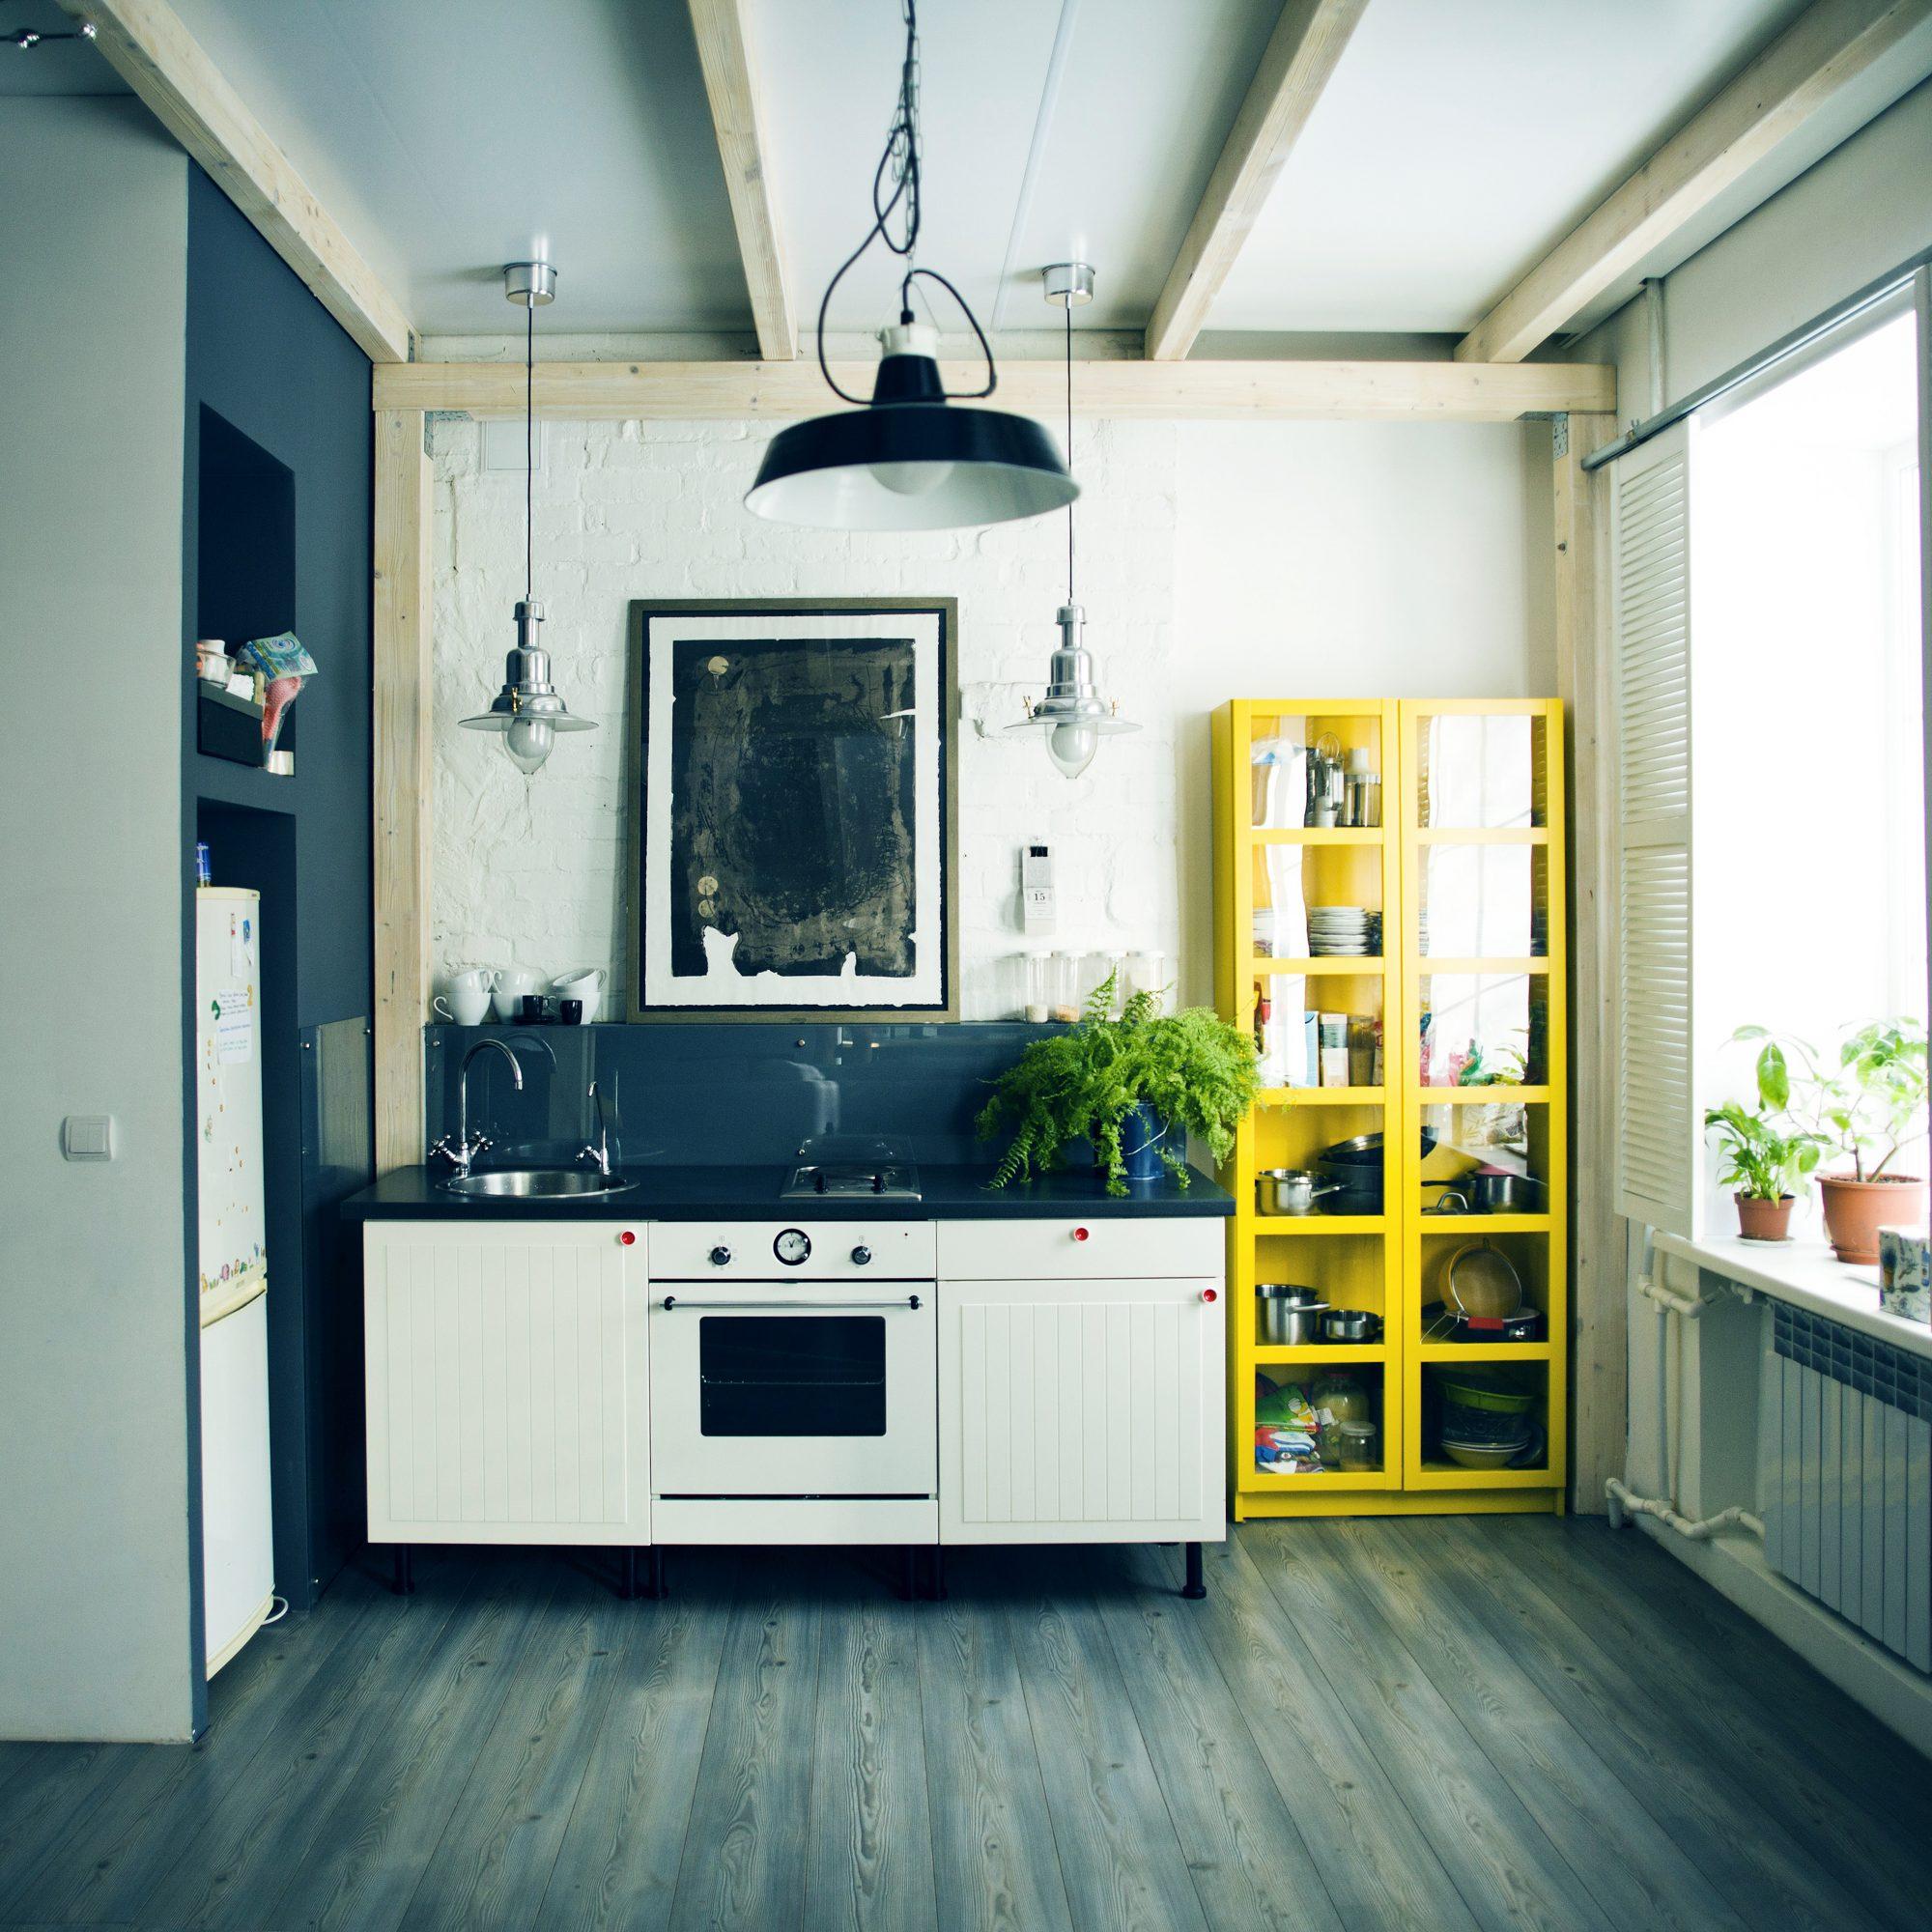 getty-apartmant-kitchen-image